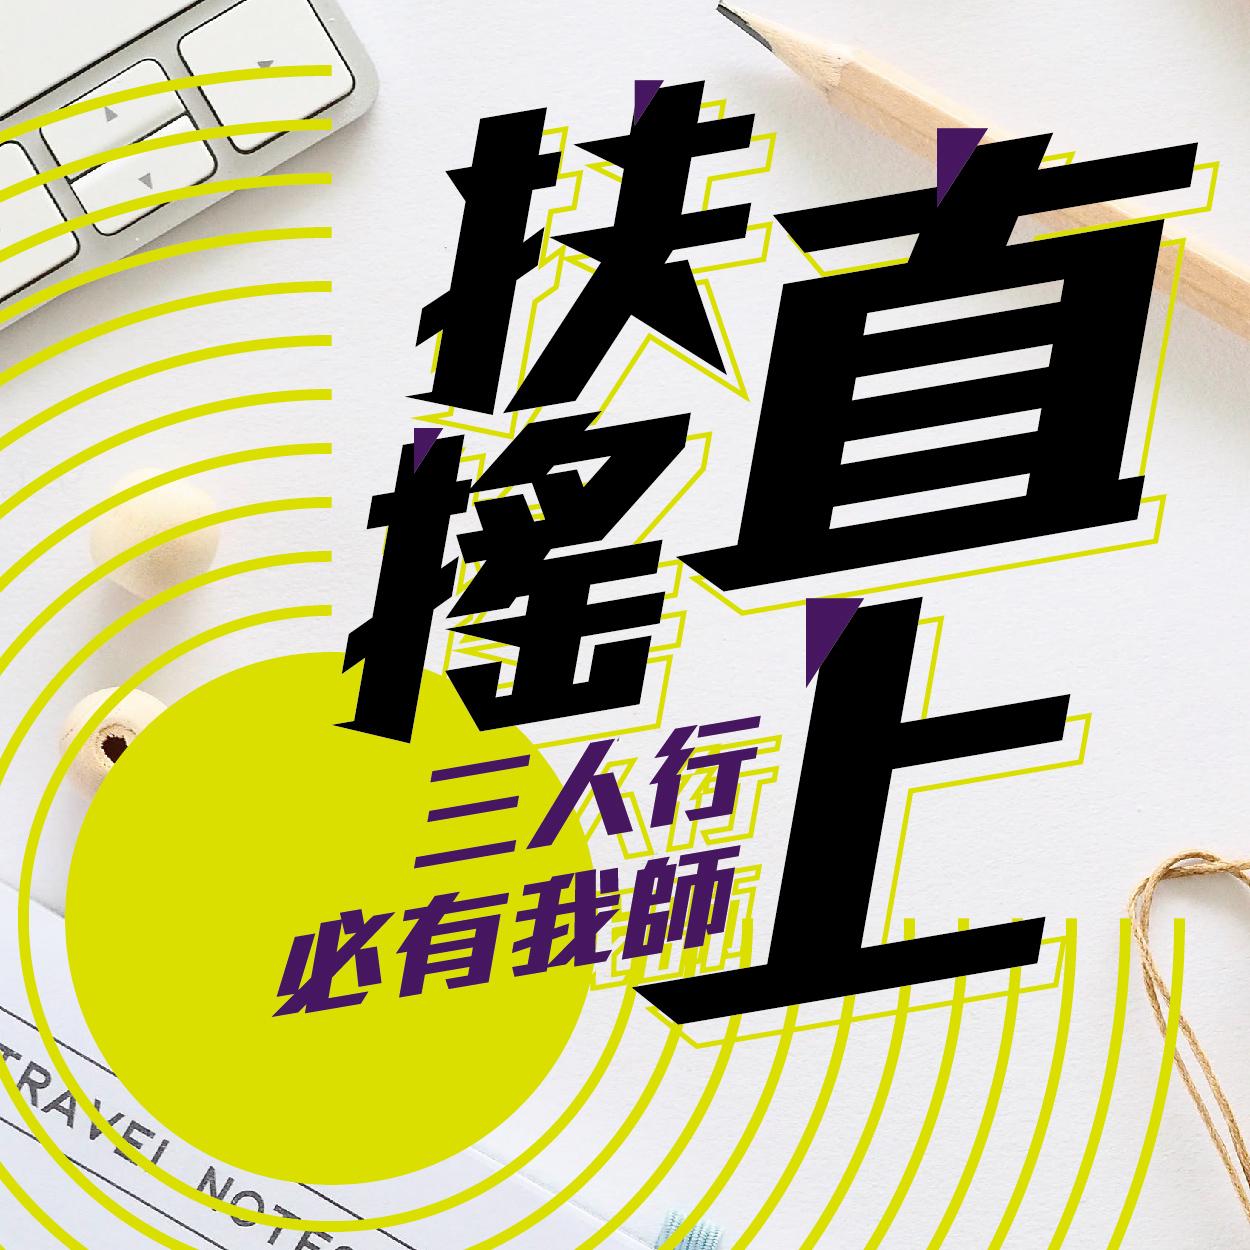 【EP10】扶搖直上:手搖飲教父_楊海銓(下集)